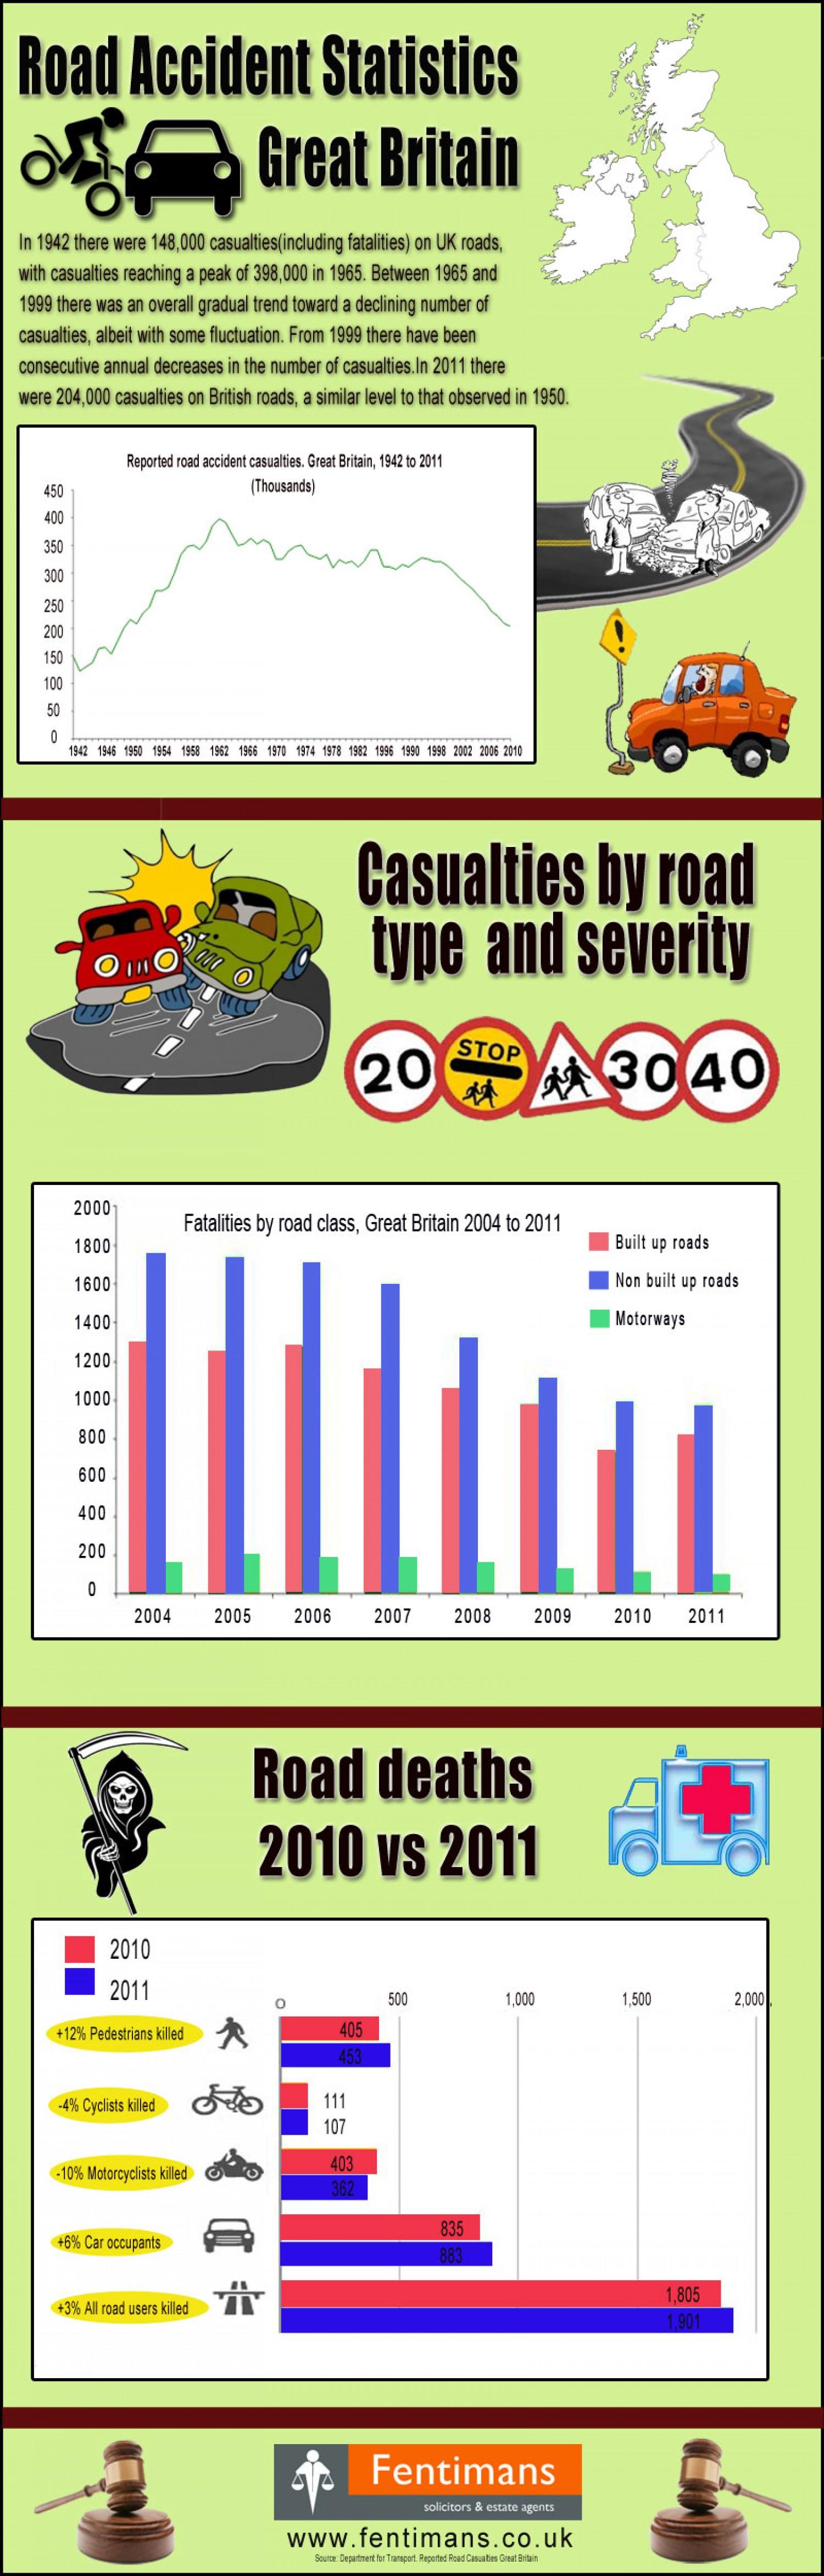 Road users killed in 2010 VS 2011